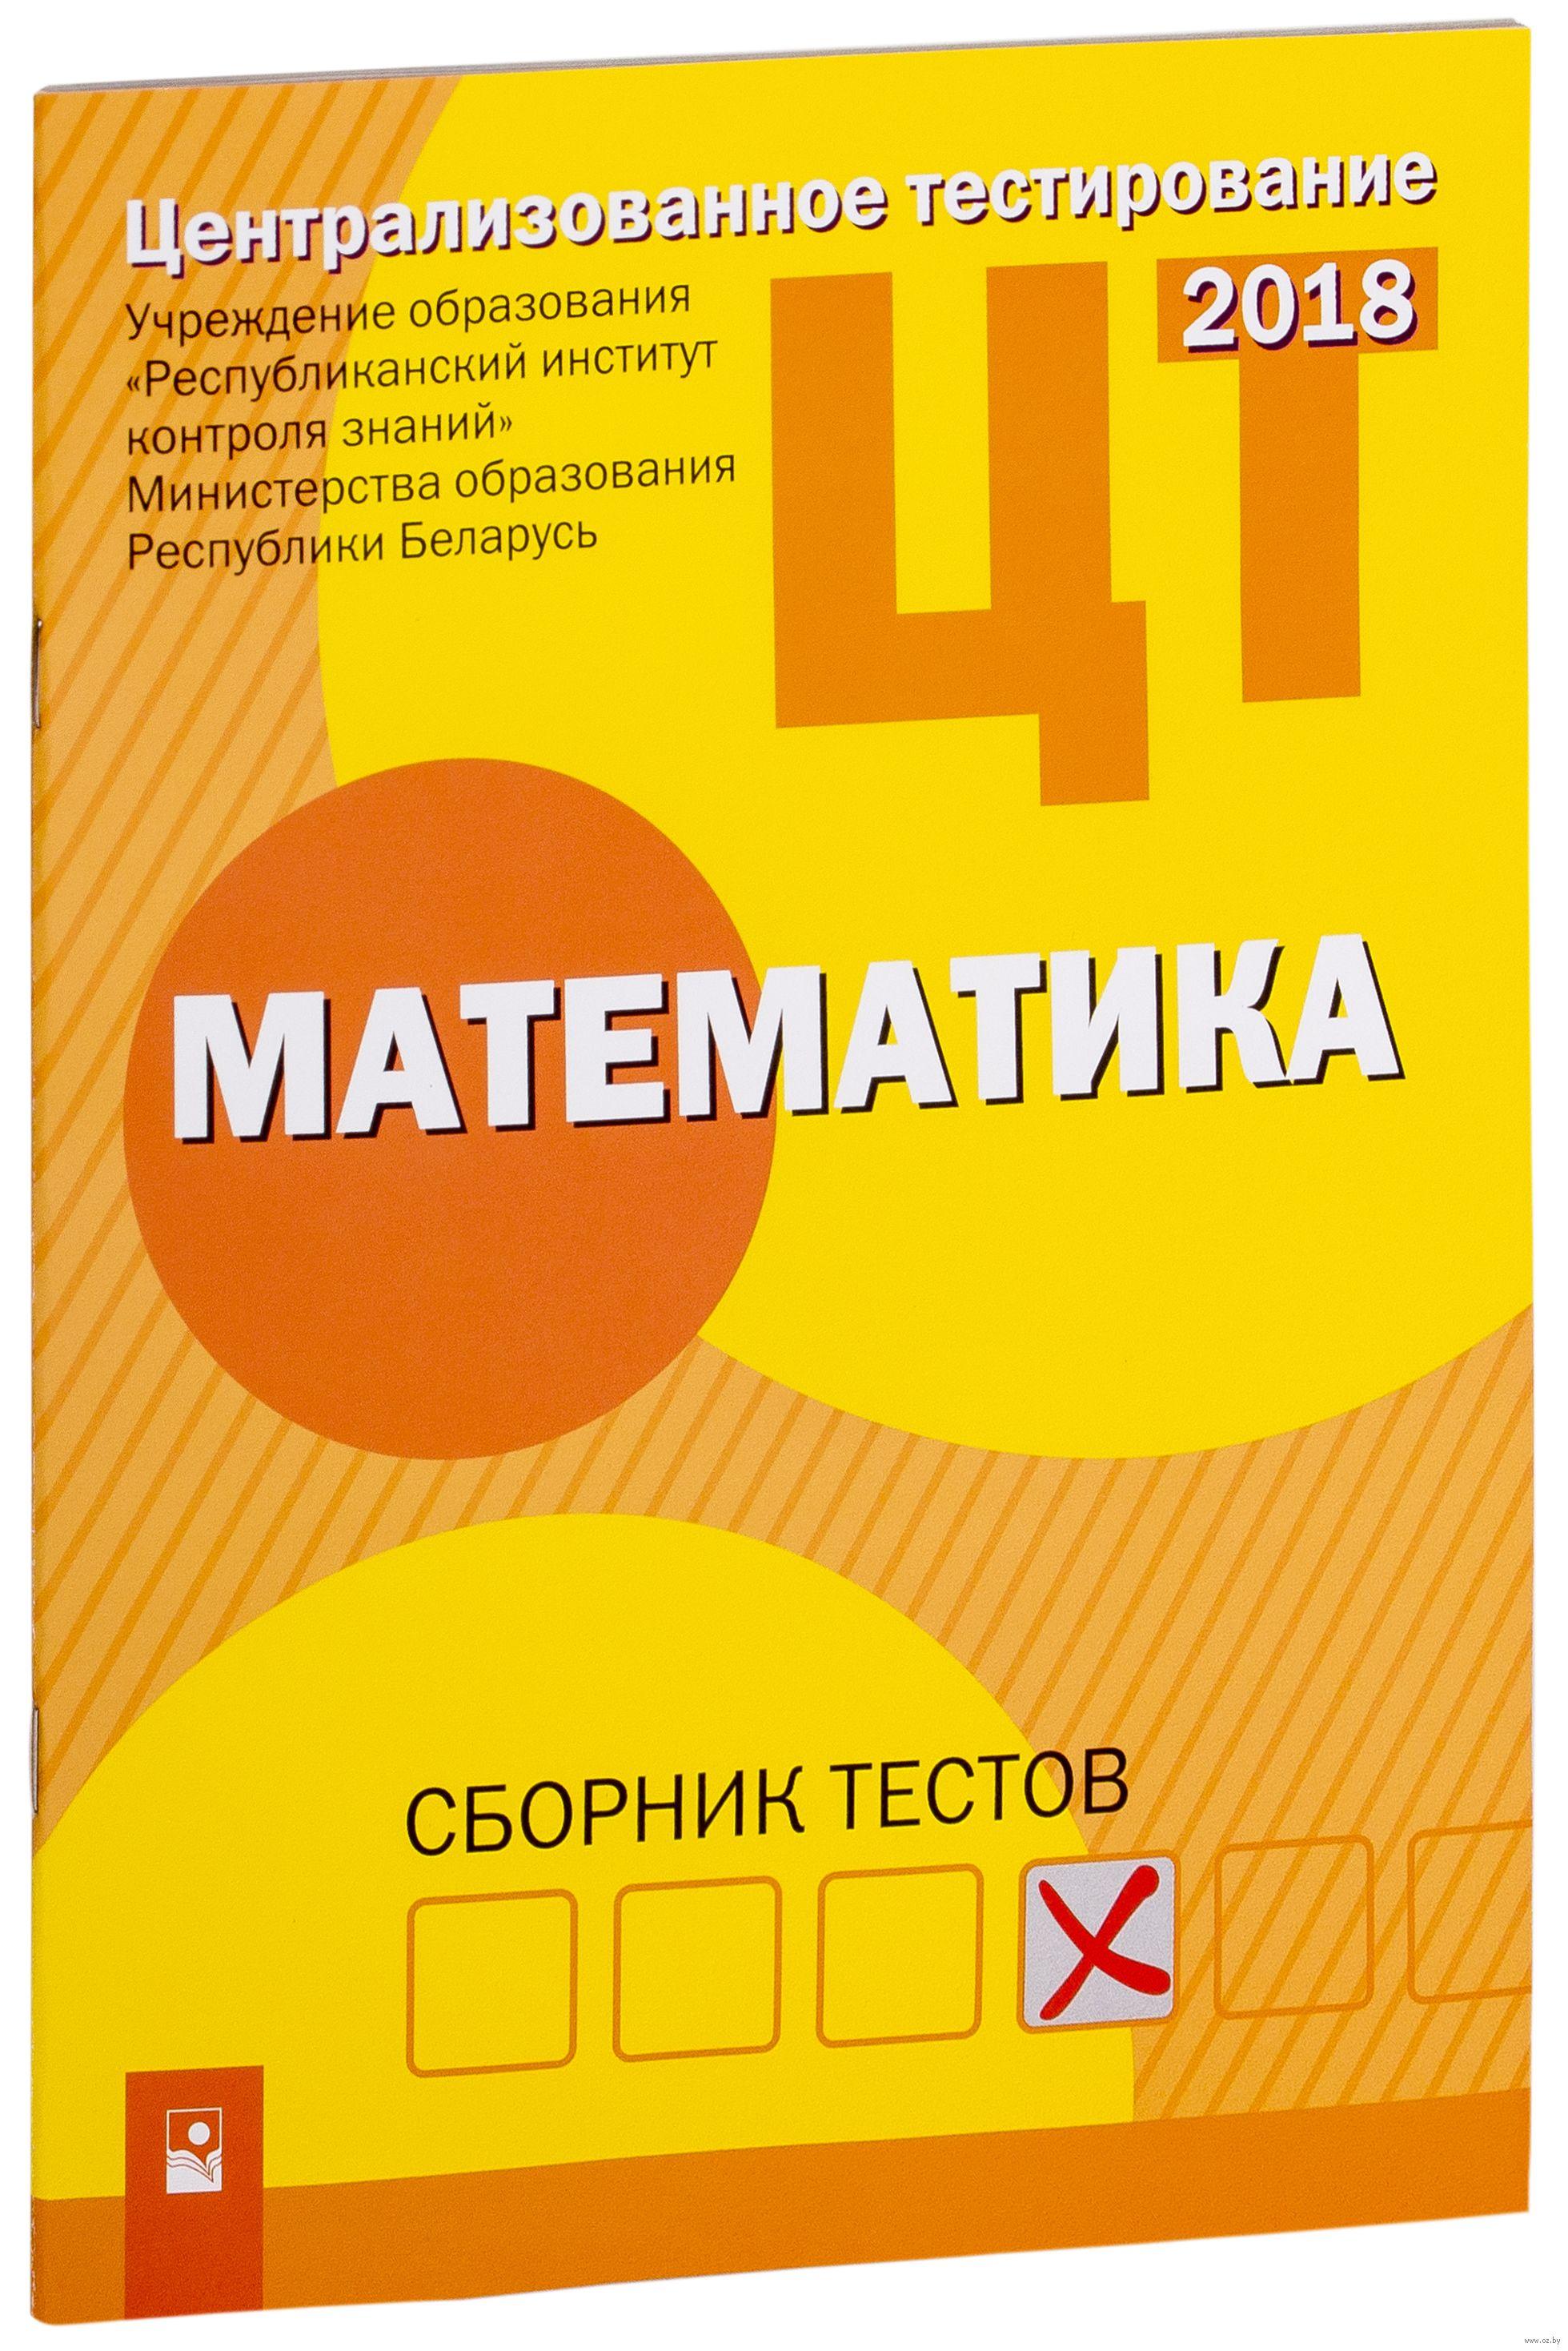 Решебник к книге математика сборник тестов централизованное тестирование